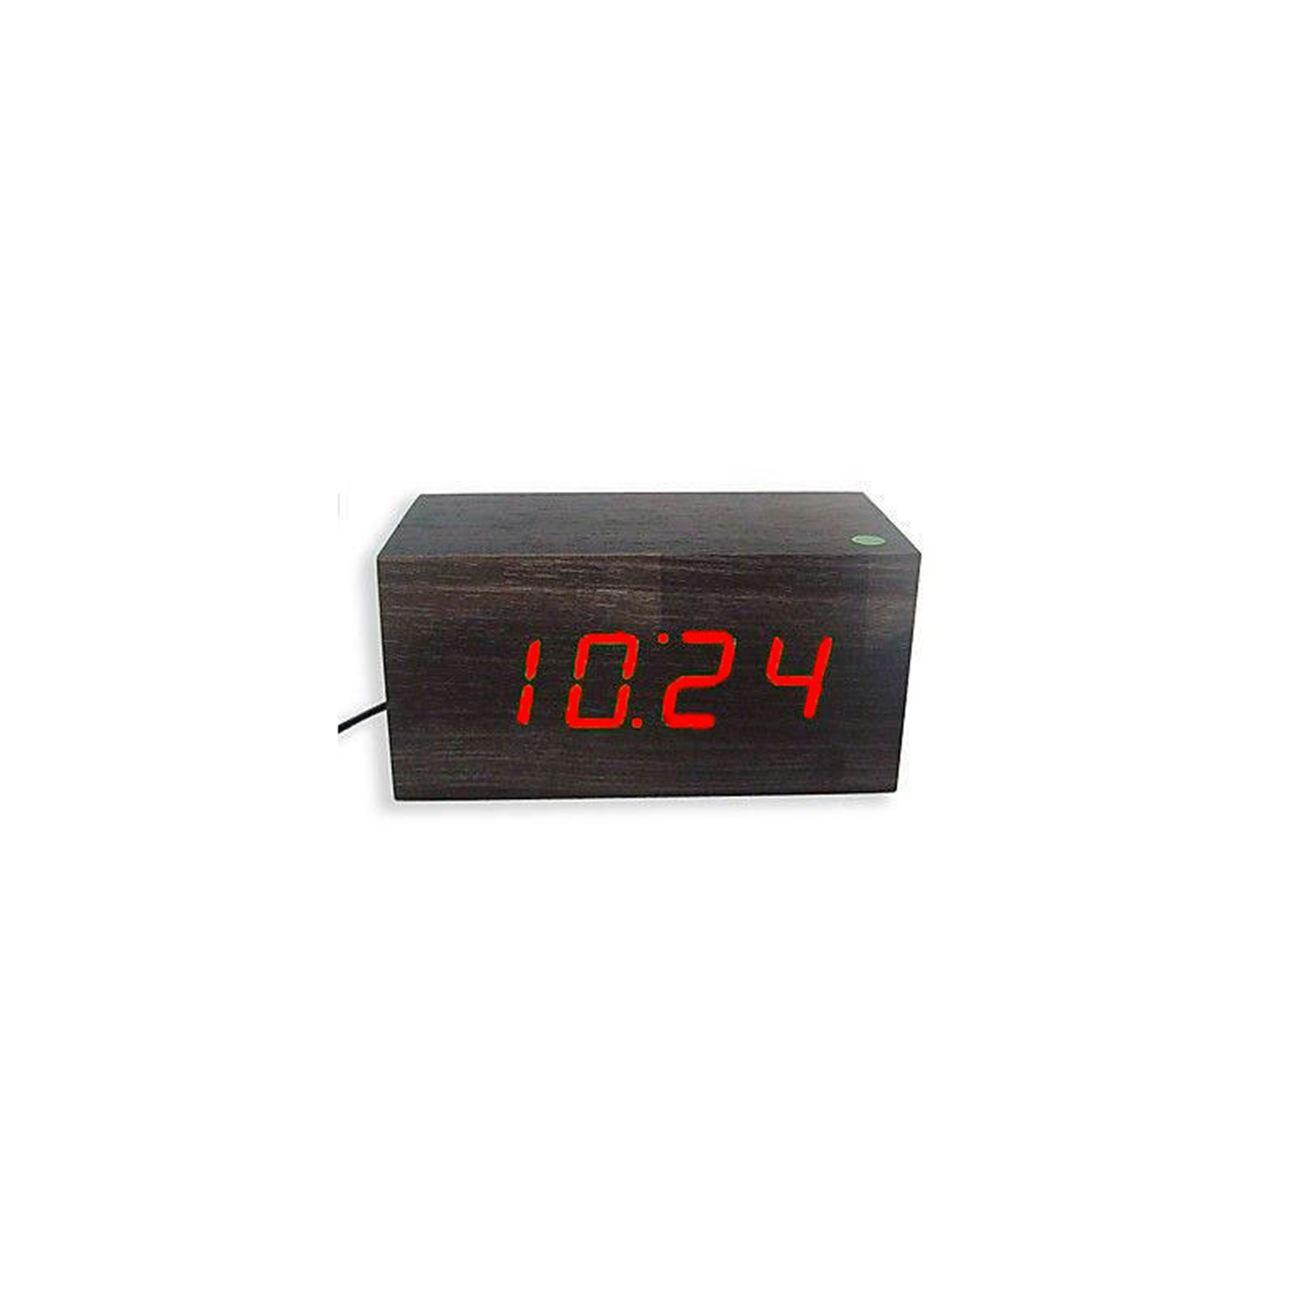 Επιτραπέζιο ξύλινο ψηφιακό ρολόι - ξυπνητήρι - θερμόμετρο LED OEM   Ρολόγια  επιτραπέζια  cc8b4e45ecd